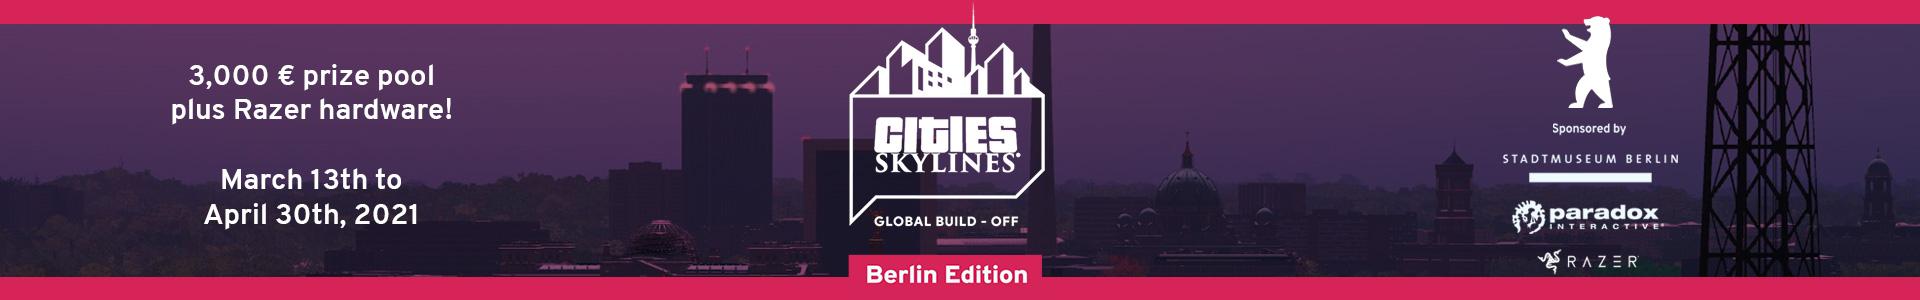 Berlin-build-off-banner-1920x300-80.jpg